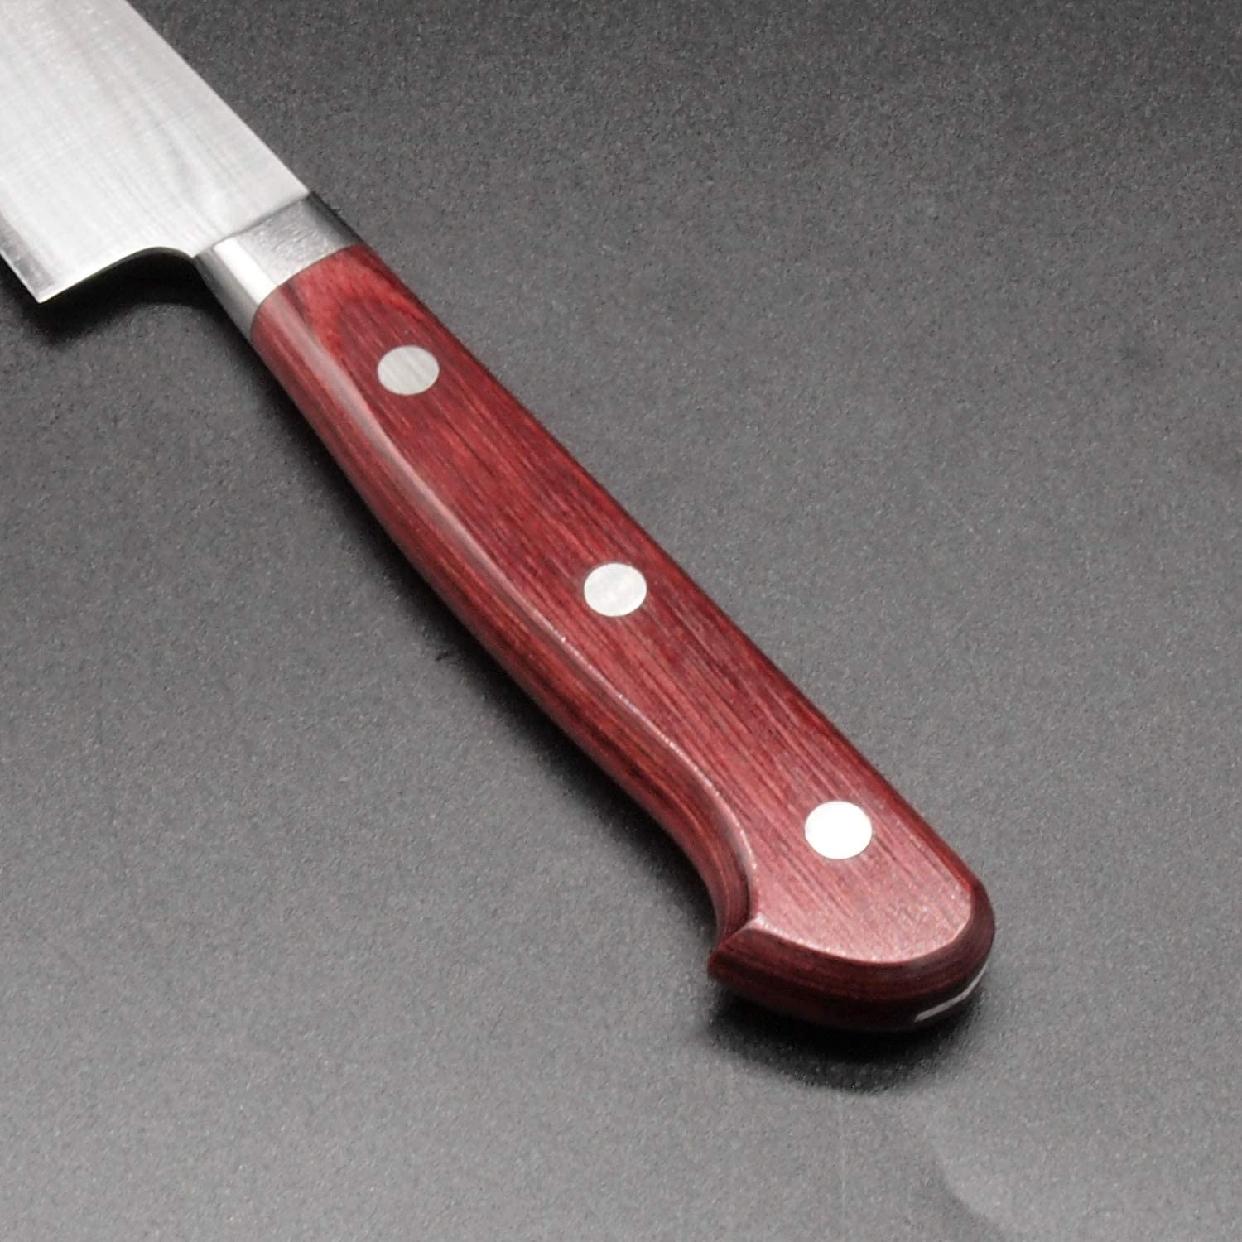 高村刃物製作所(タカムラハモノセイサクショ) ステンレス粉末ハイス鋼 ペティナイフ 150mmの商品画像9